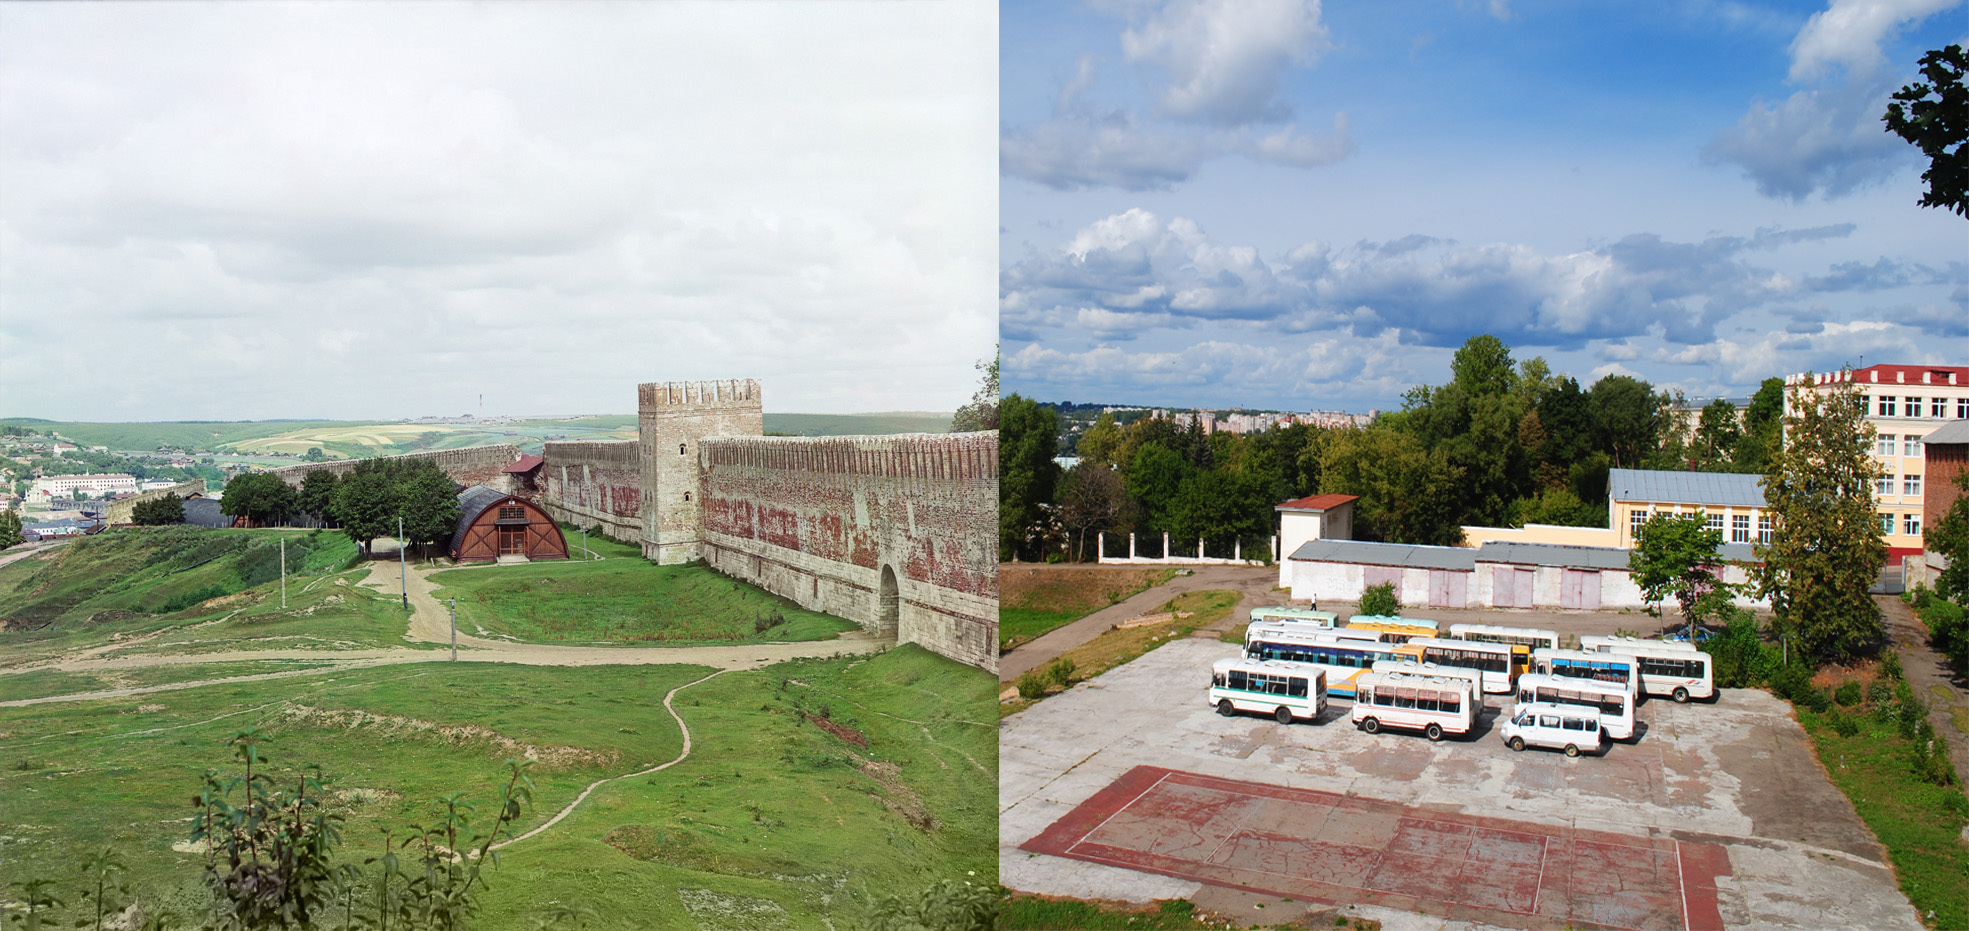 Смоленск. Вид на крепостную стену из Лопатинского сада 2015 Евгений Осташ